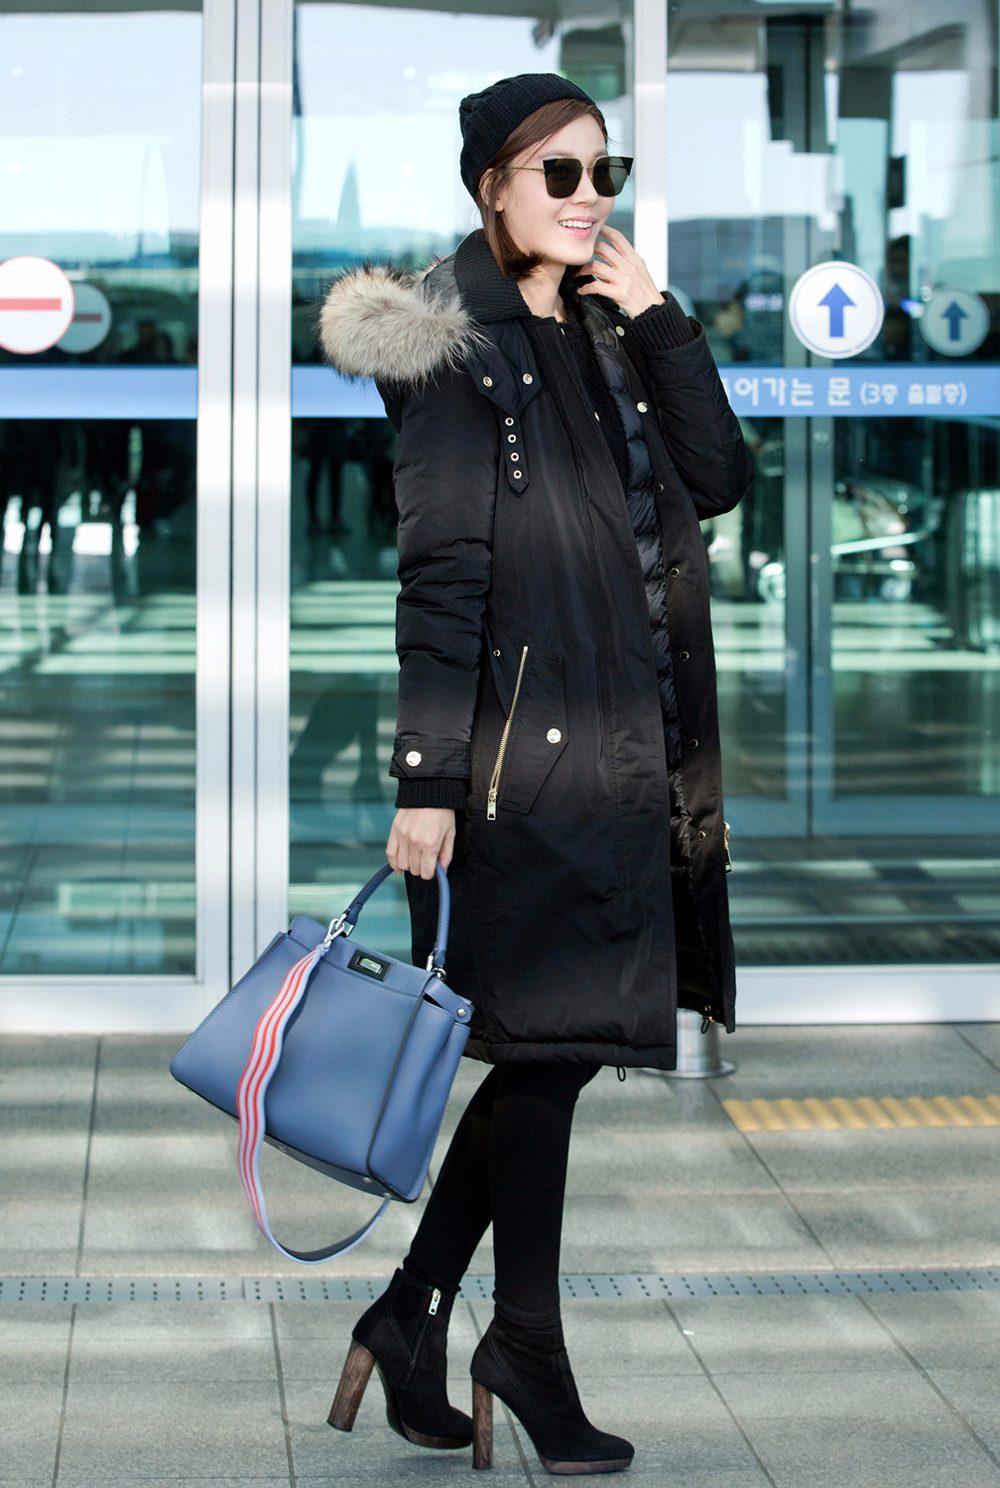 如果再搭配上黑上衣的話,這樣All black的組合,是冬天顯瘦的絕佳搭配哦..隨便加一點其它顏色的配飾都會成為絕對的亮點呢~